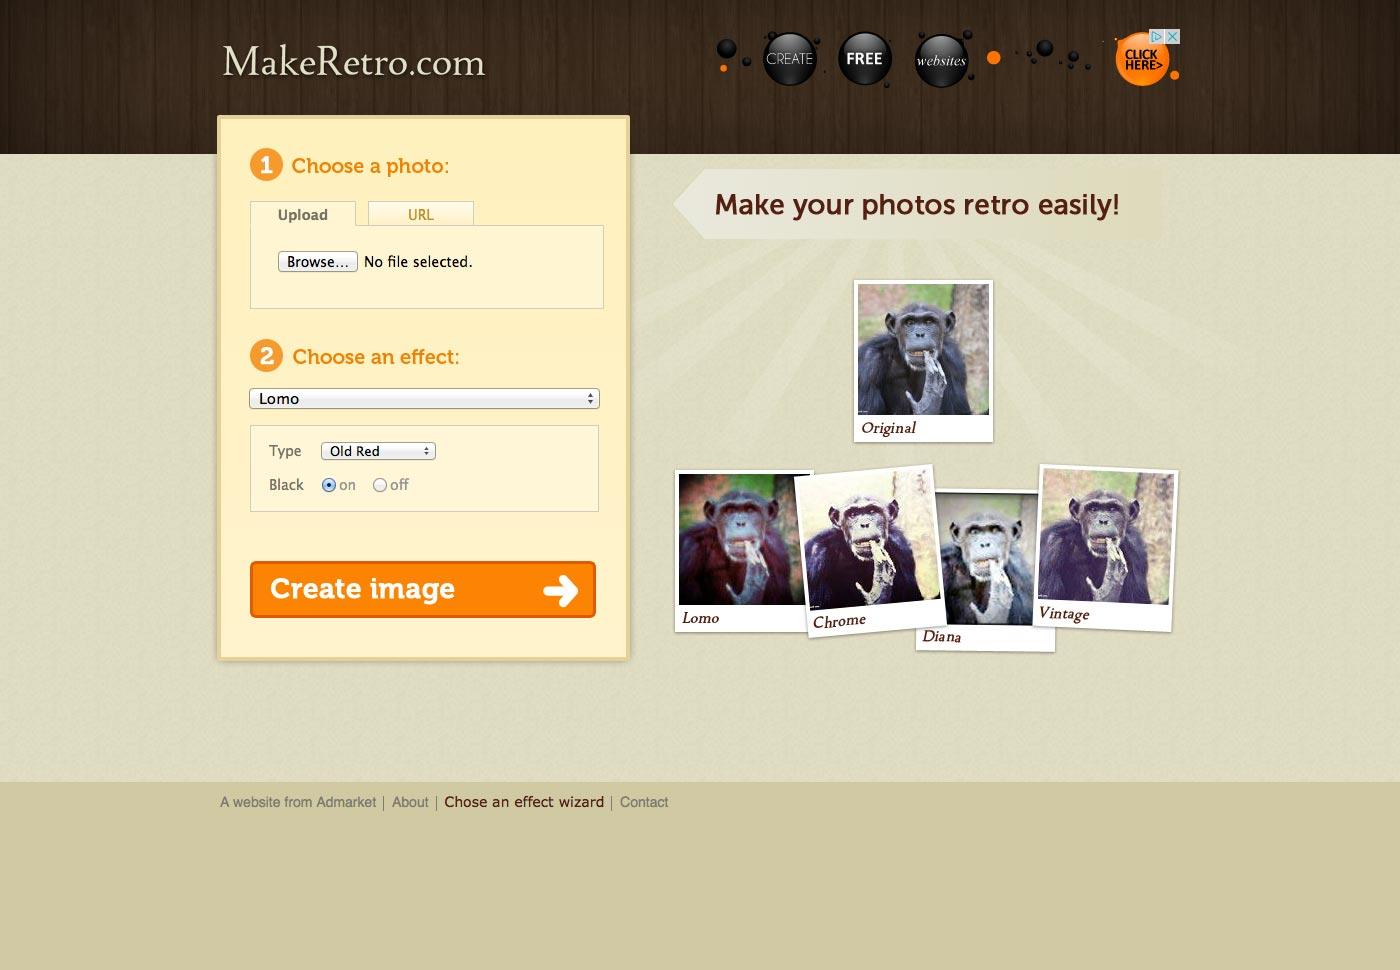 MakeRetro.com